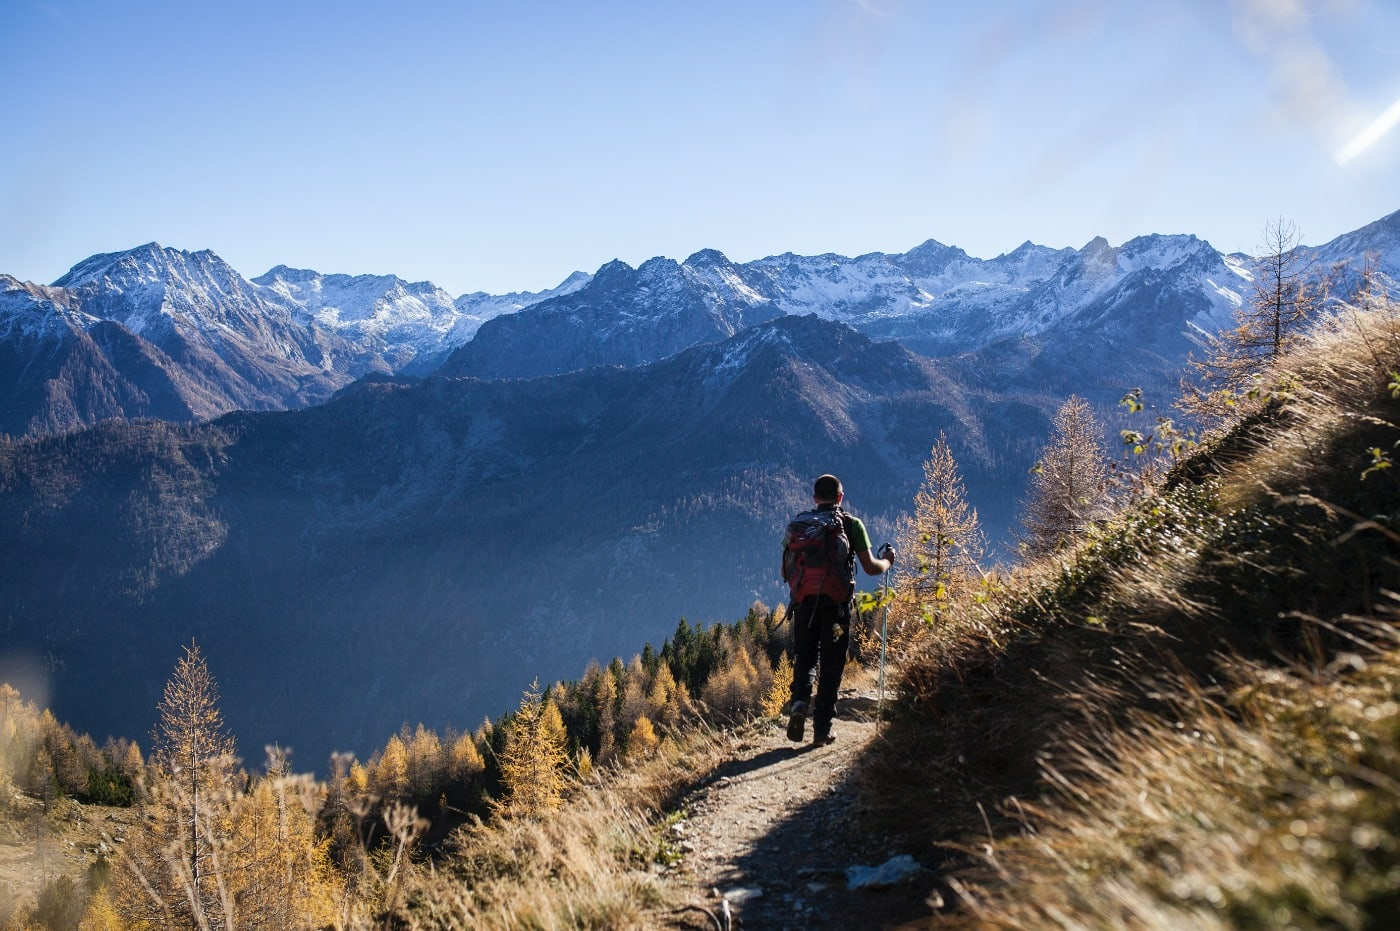 FRODIG: Lenger ned i dalen, der sola varmen og snøen ikke har lagt seg enda, blomstrer det fremdeles.